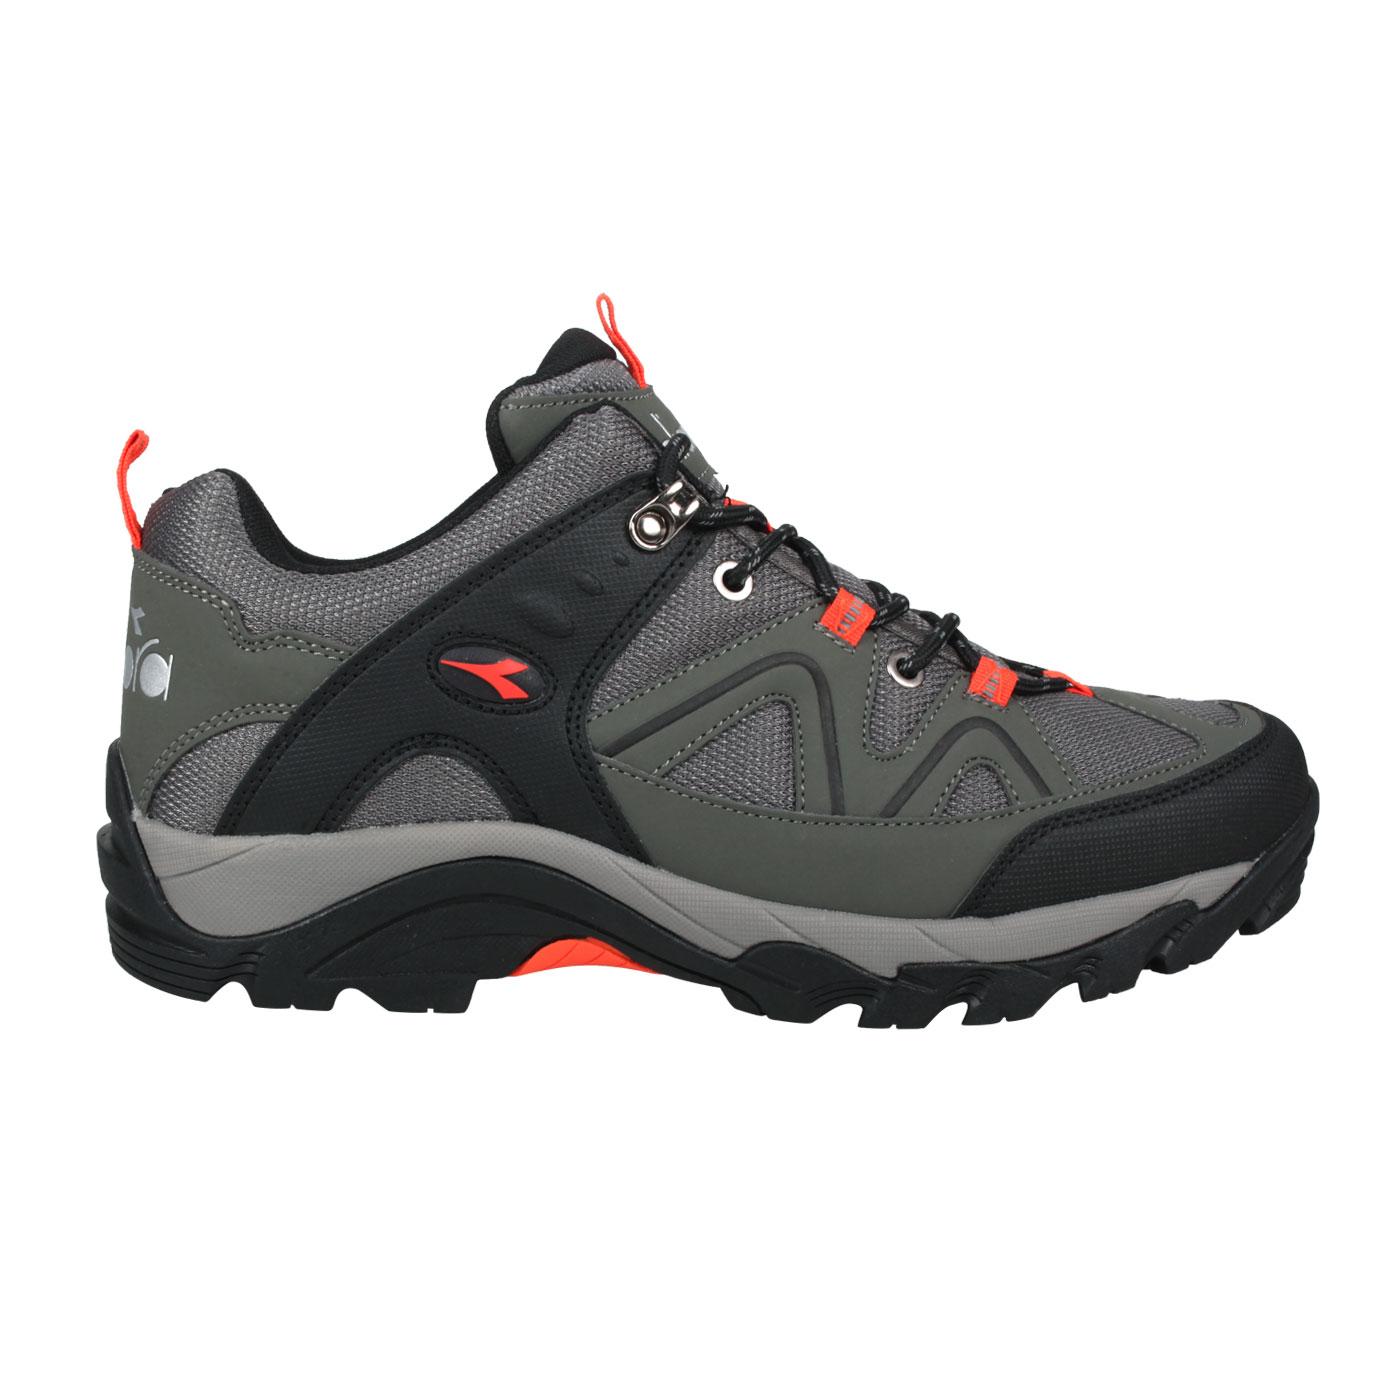 DIADORA 男款戶外運動鞋 DA73153 - 灰綠螢光橘